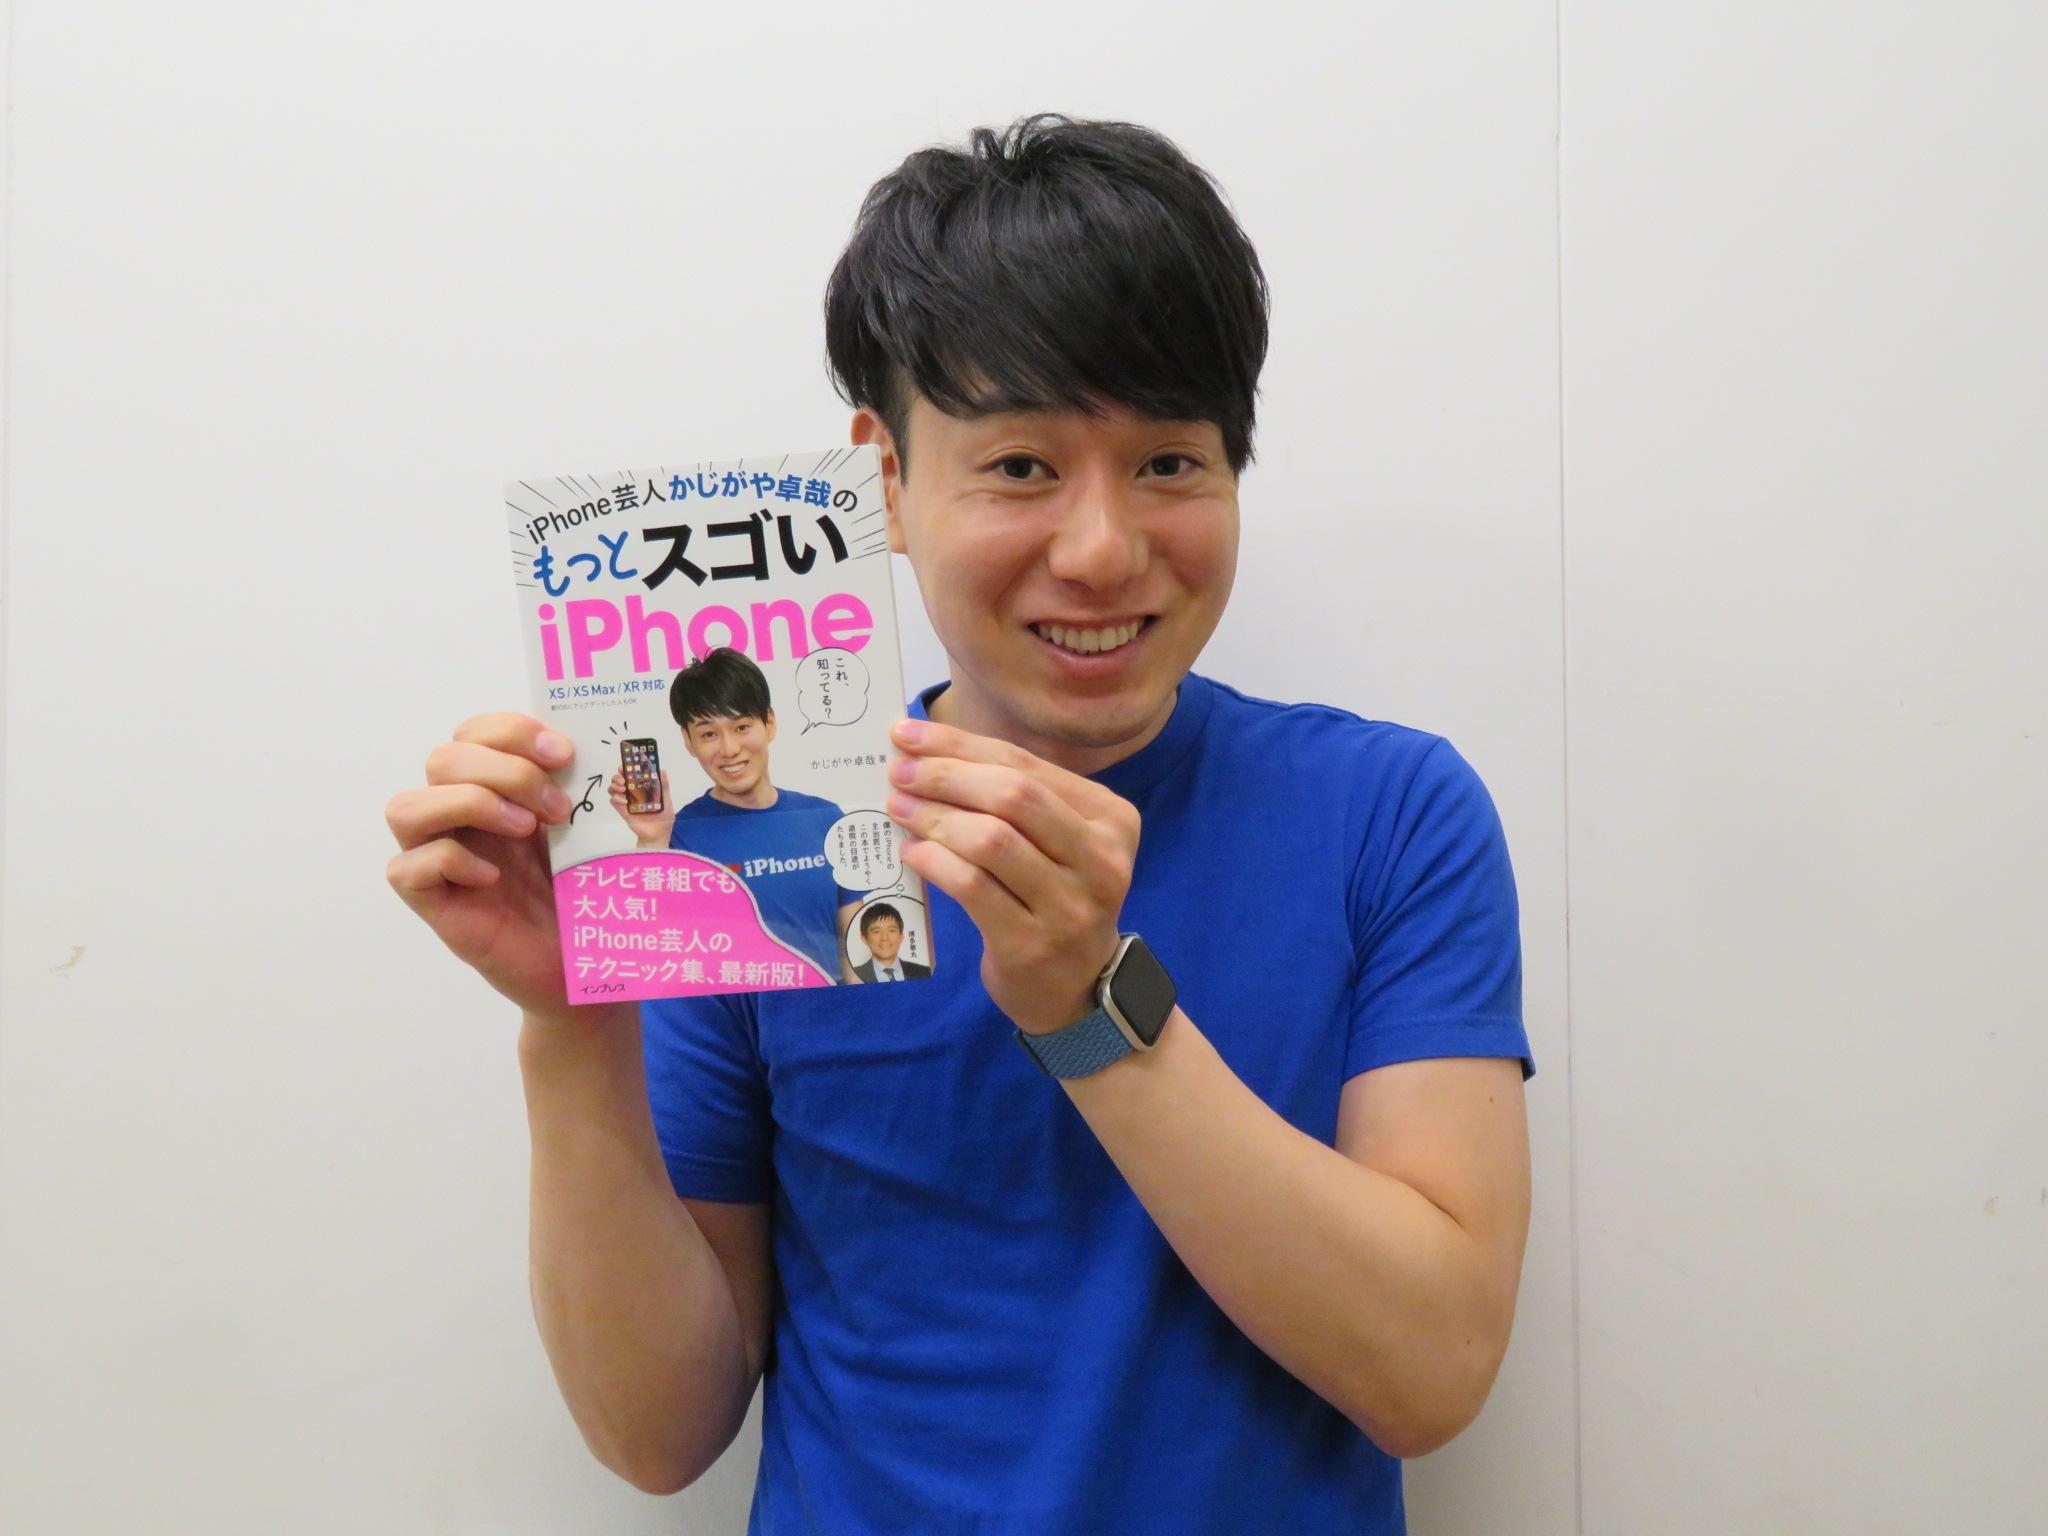 http://news.yoshimoto.co.jp/20190119130520-d91e3e4ff1640f2a843c32c8c8788518ac1ec804.jpg